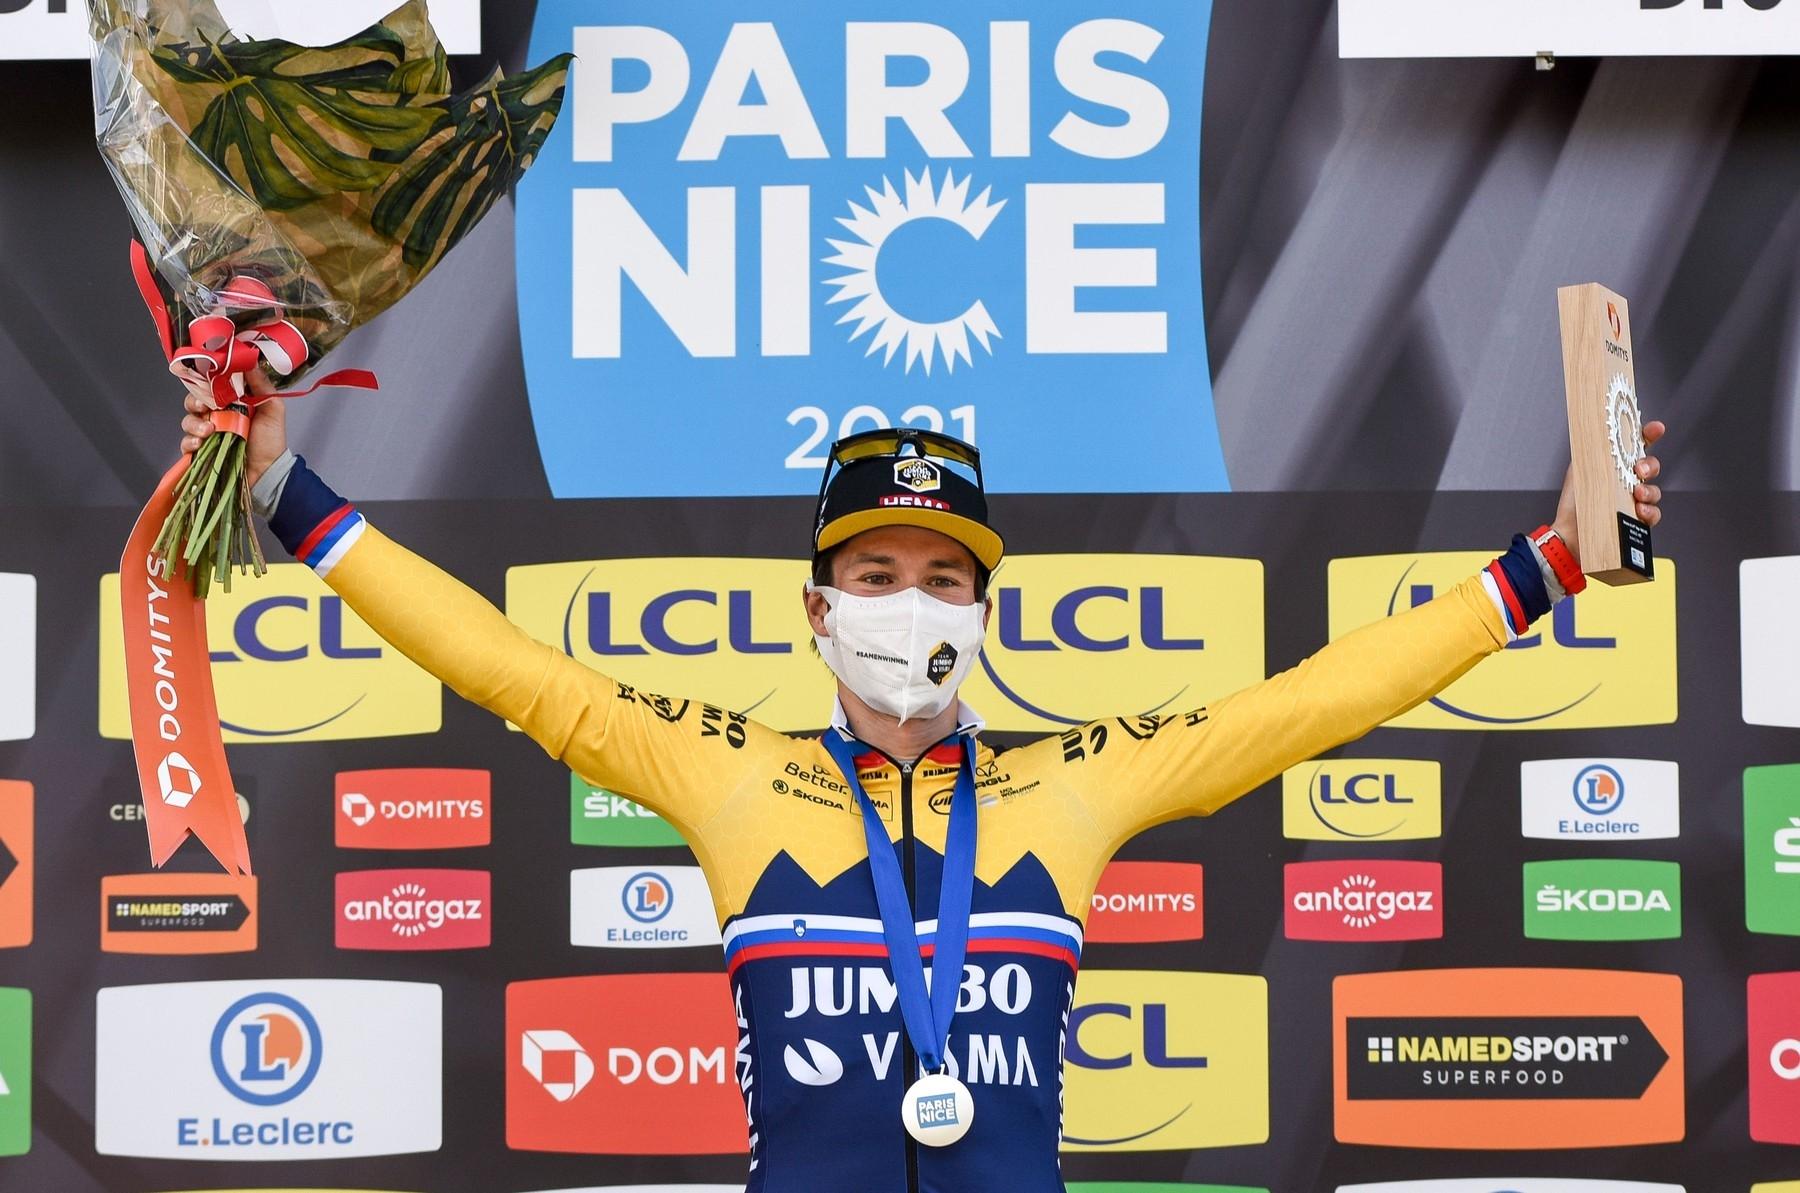 Primož Roglič se raduje z triumfu v šesté etapě závodu Paříž-Nice. Ač měl skvělou formu, celkový triumf mu souzen nebyl. Foto: profimedia